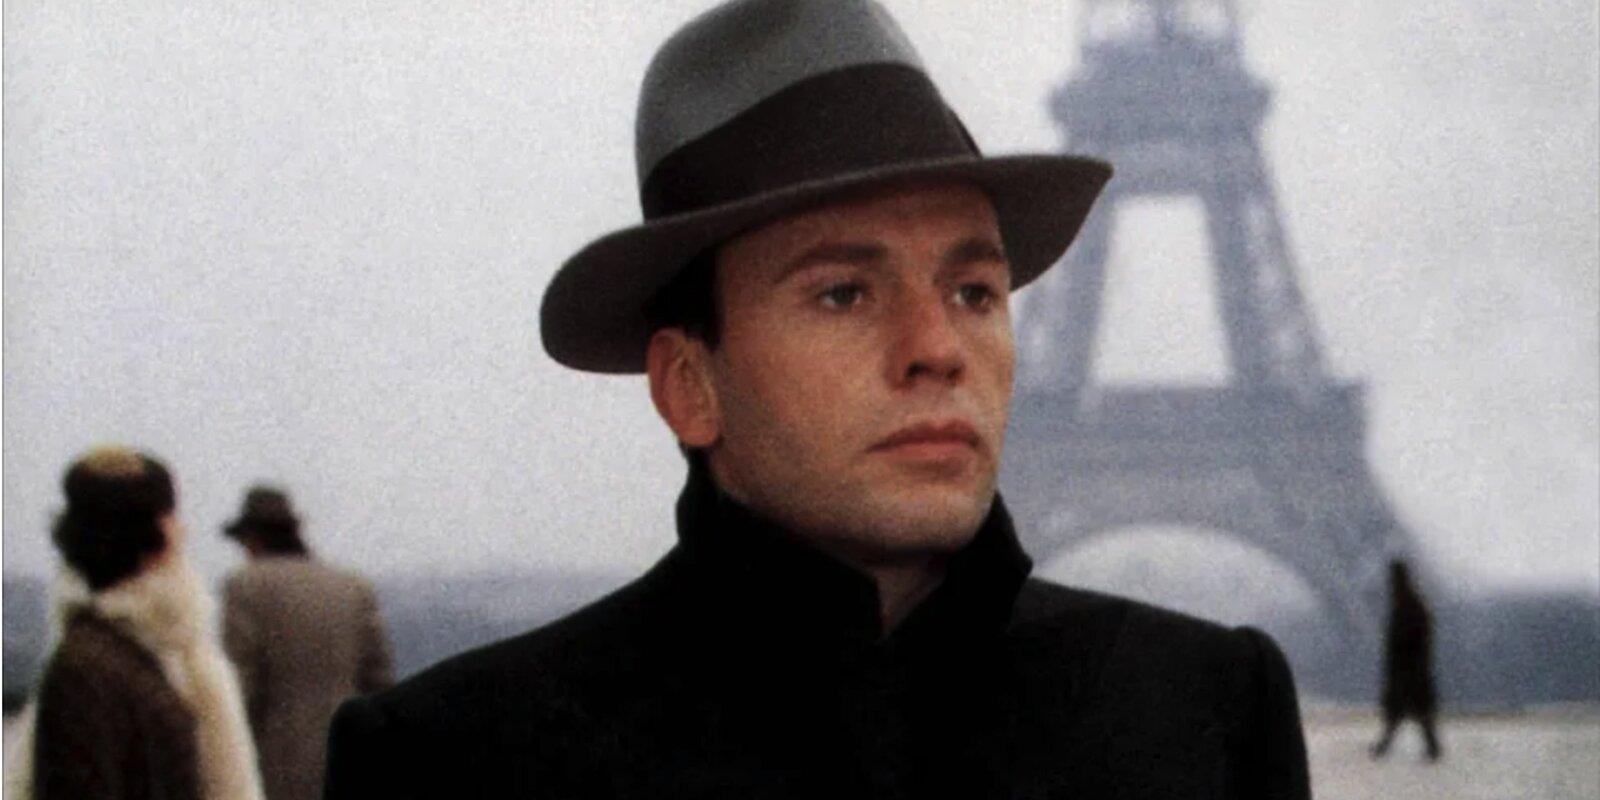 Кадр из фильма «Конформист». Режиссер Б. Бертолуччи. 1970 год